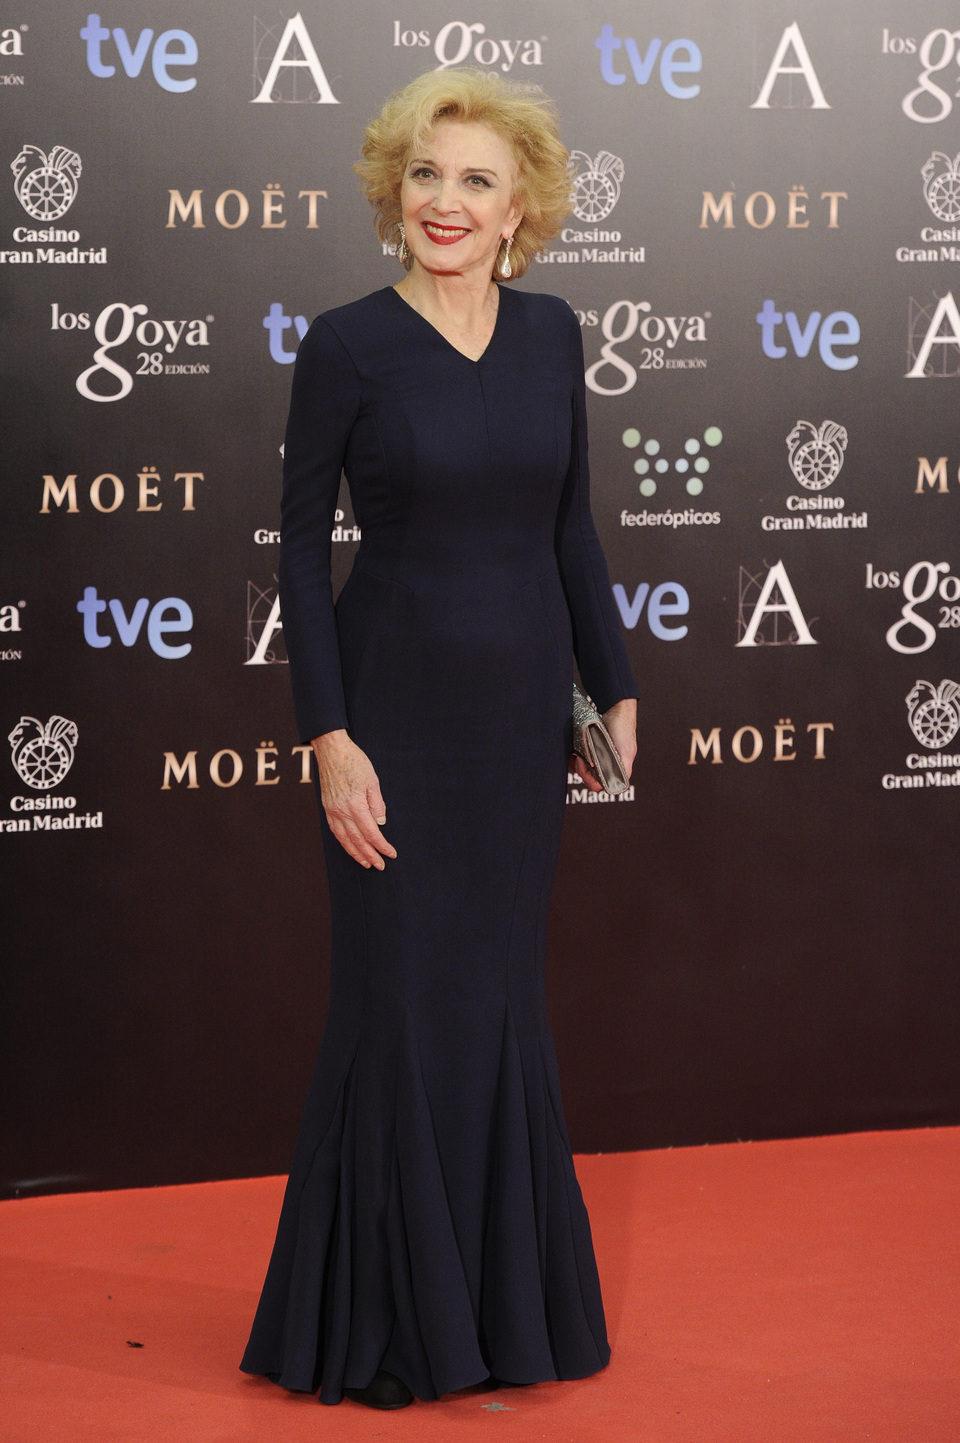 Marisa Paredes en la alfombra roja de los Premios Goya 2014